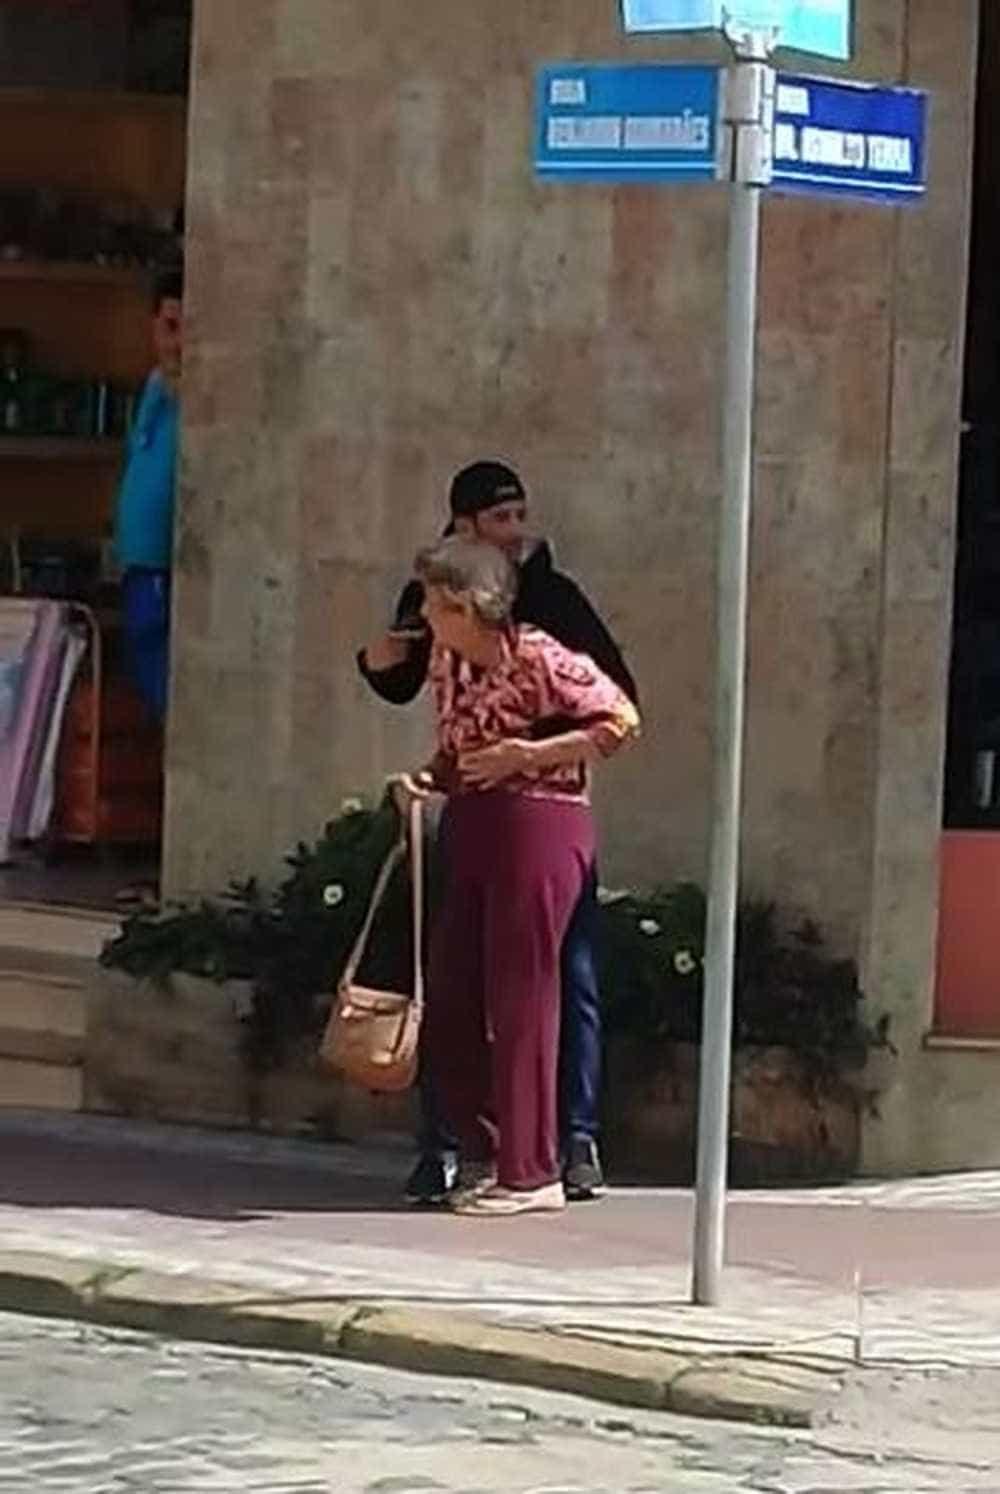 Bandido faz idosa refém durante assalto e é morto pela PM no RJ